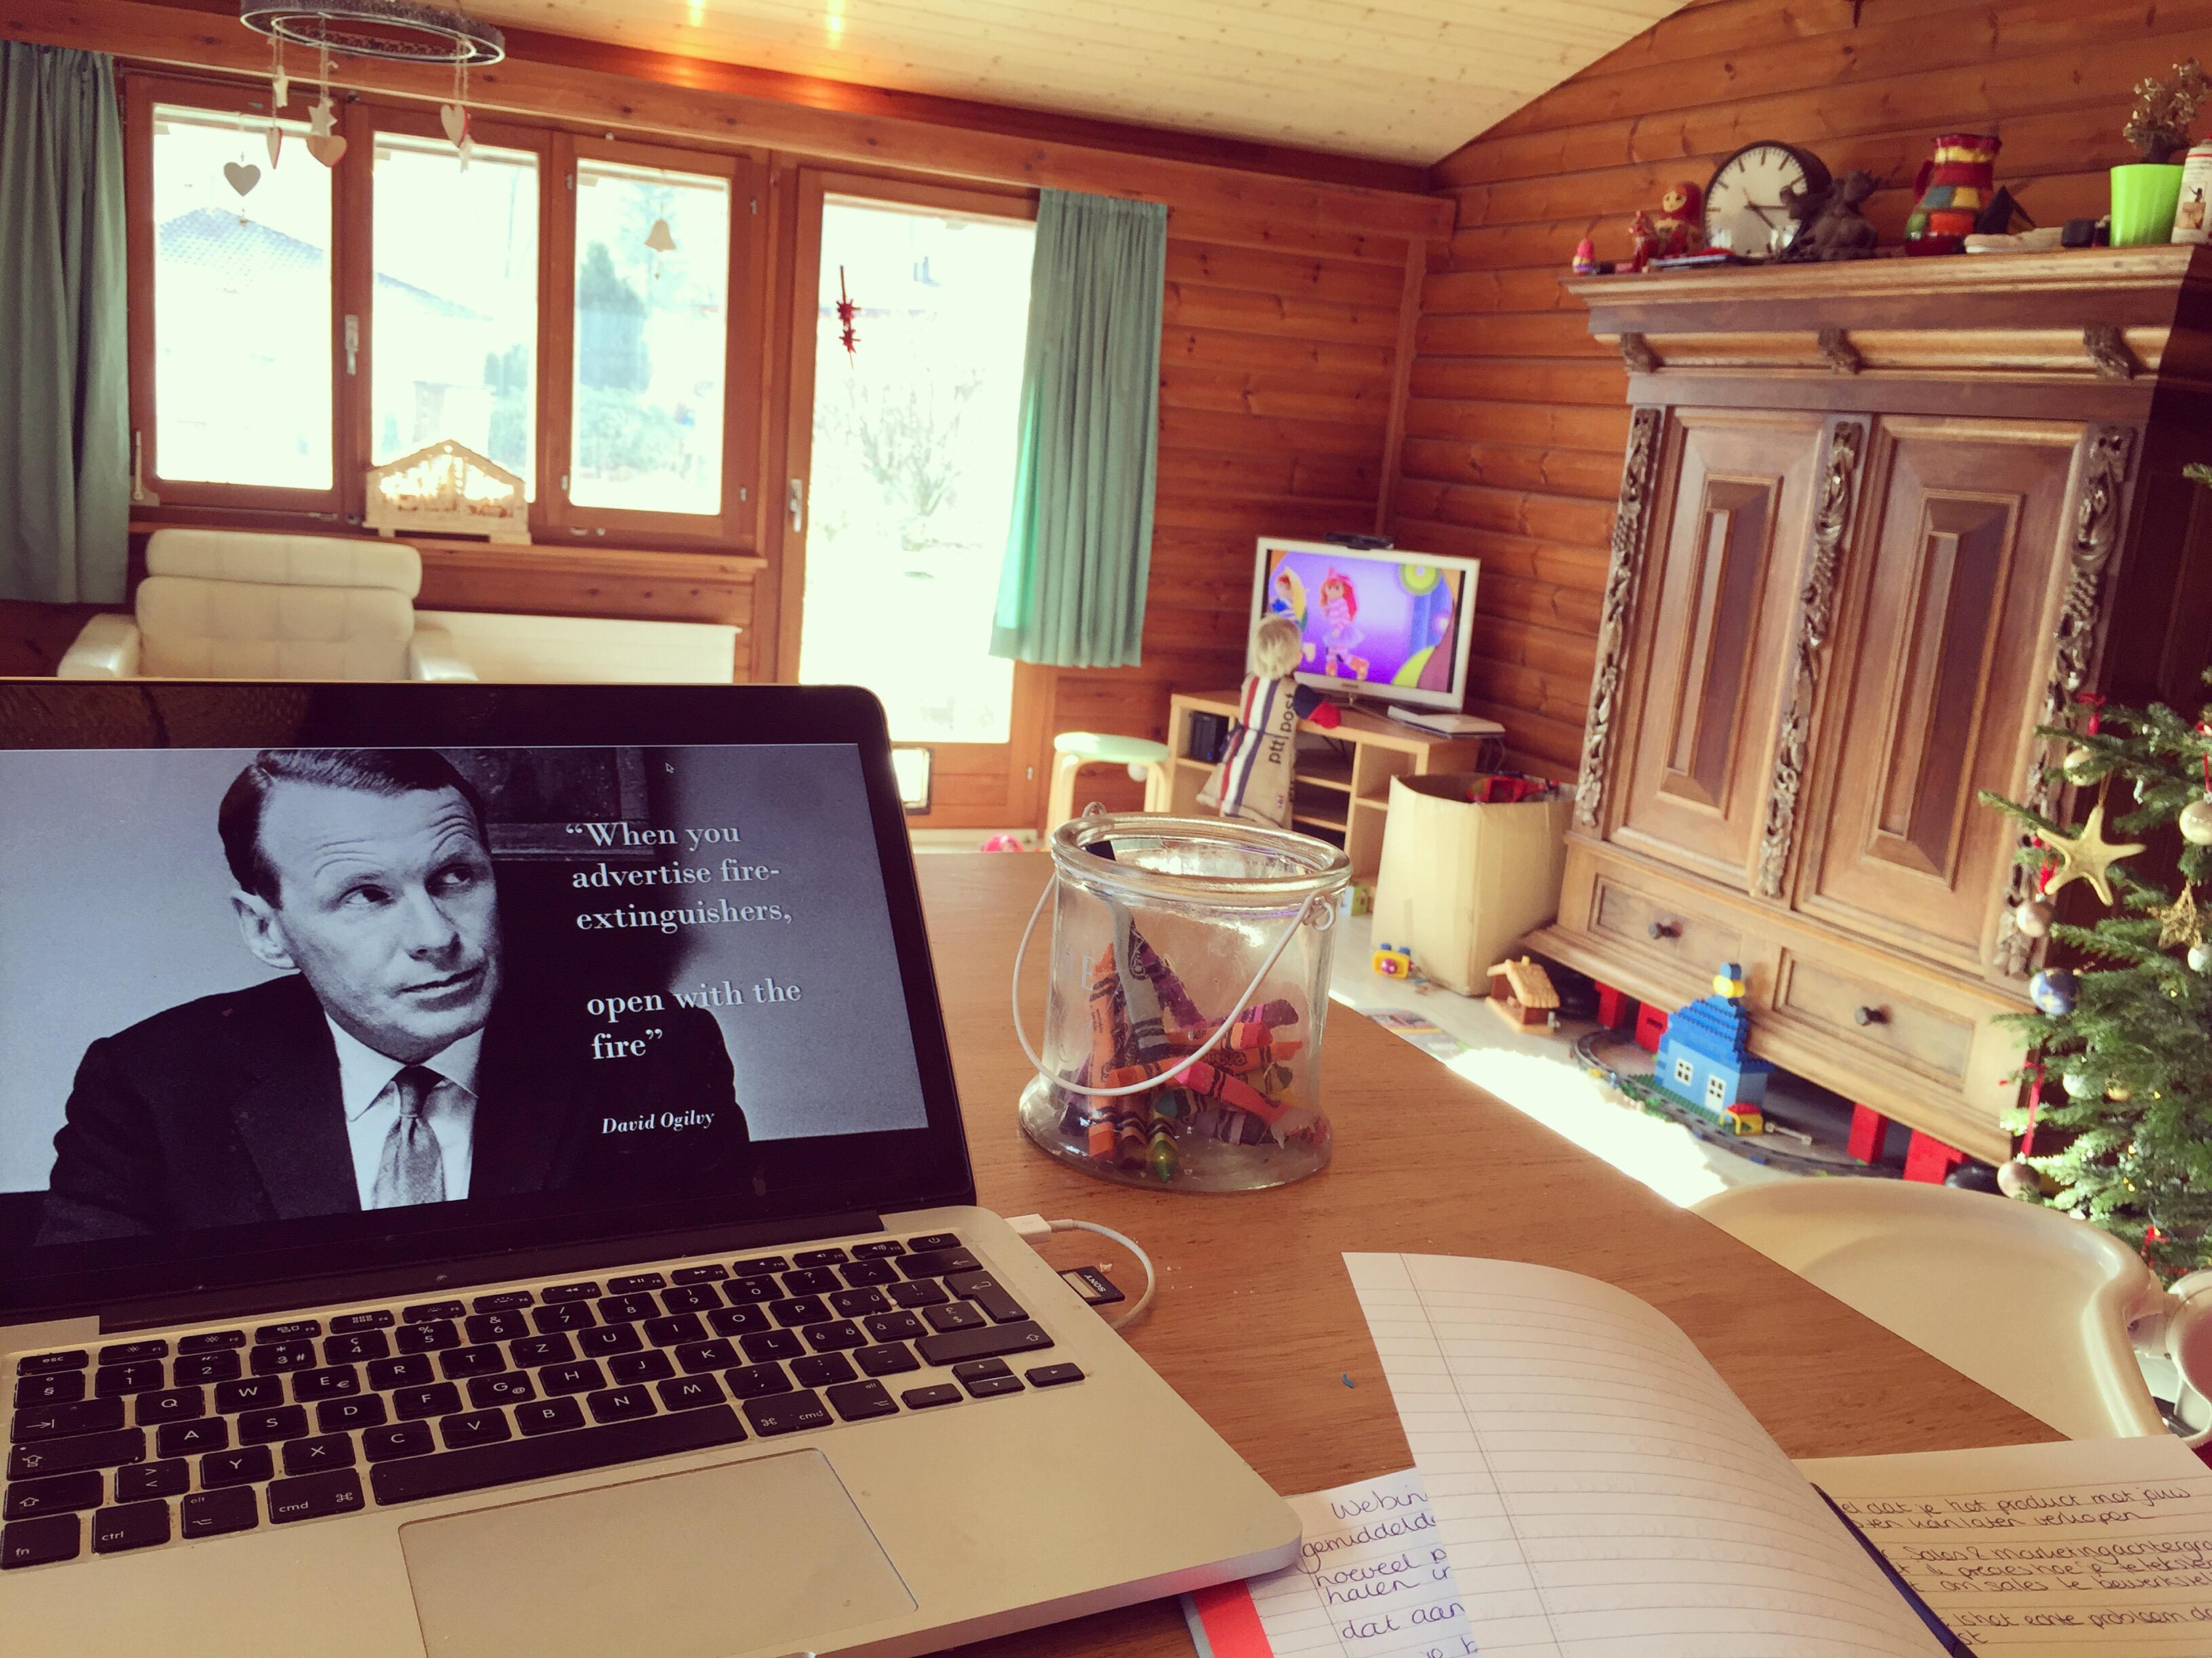 Vrijdagochtend volg ik een webinar terwijl Liza het Zandkasteel op Repeat kijkt.